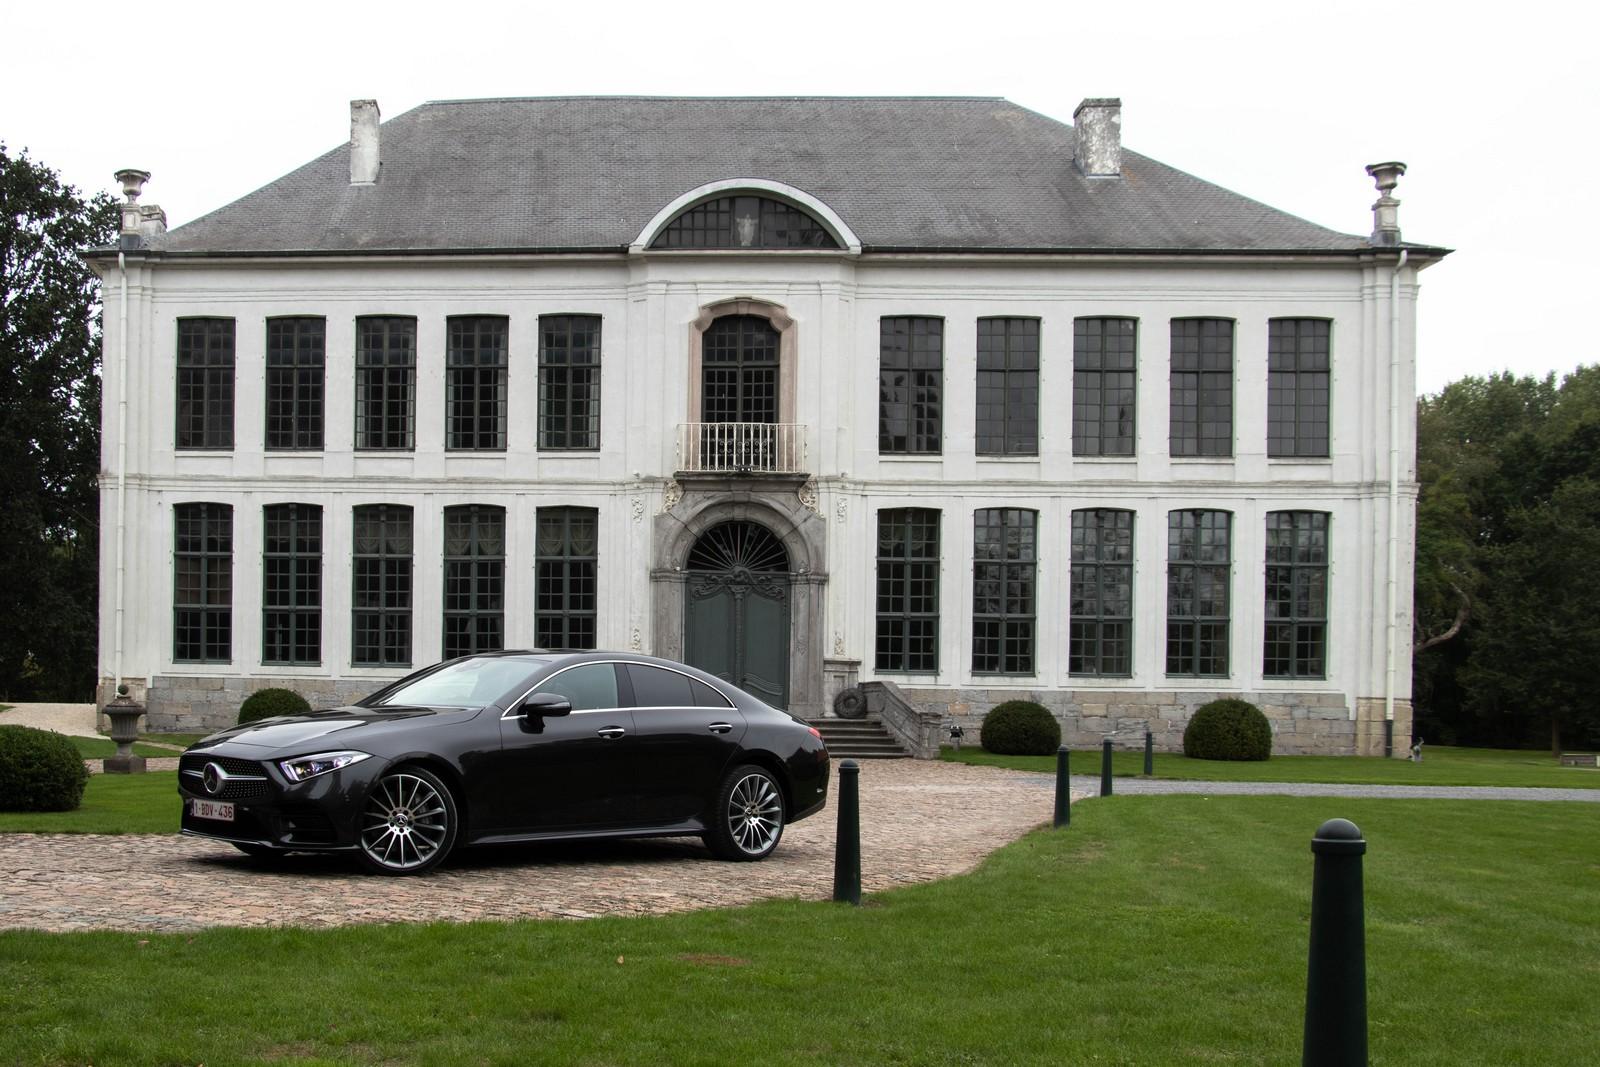 Mercedes-Benz CLS 400d Exterior